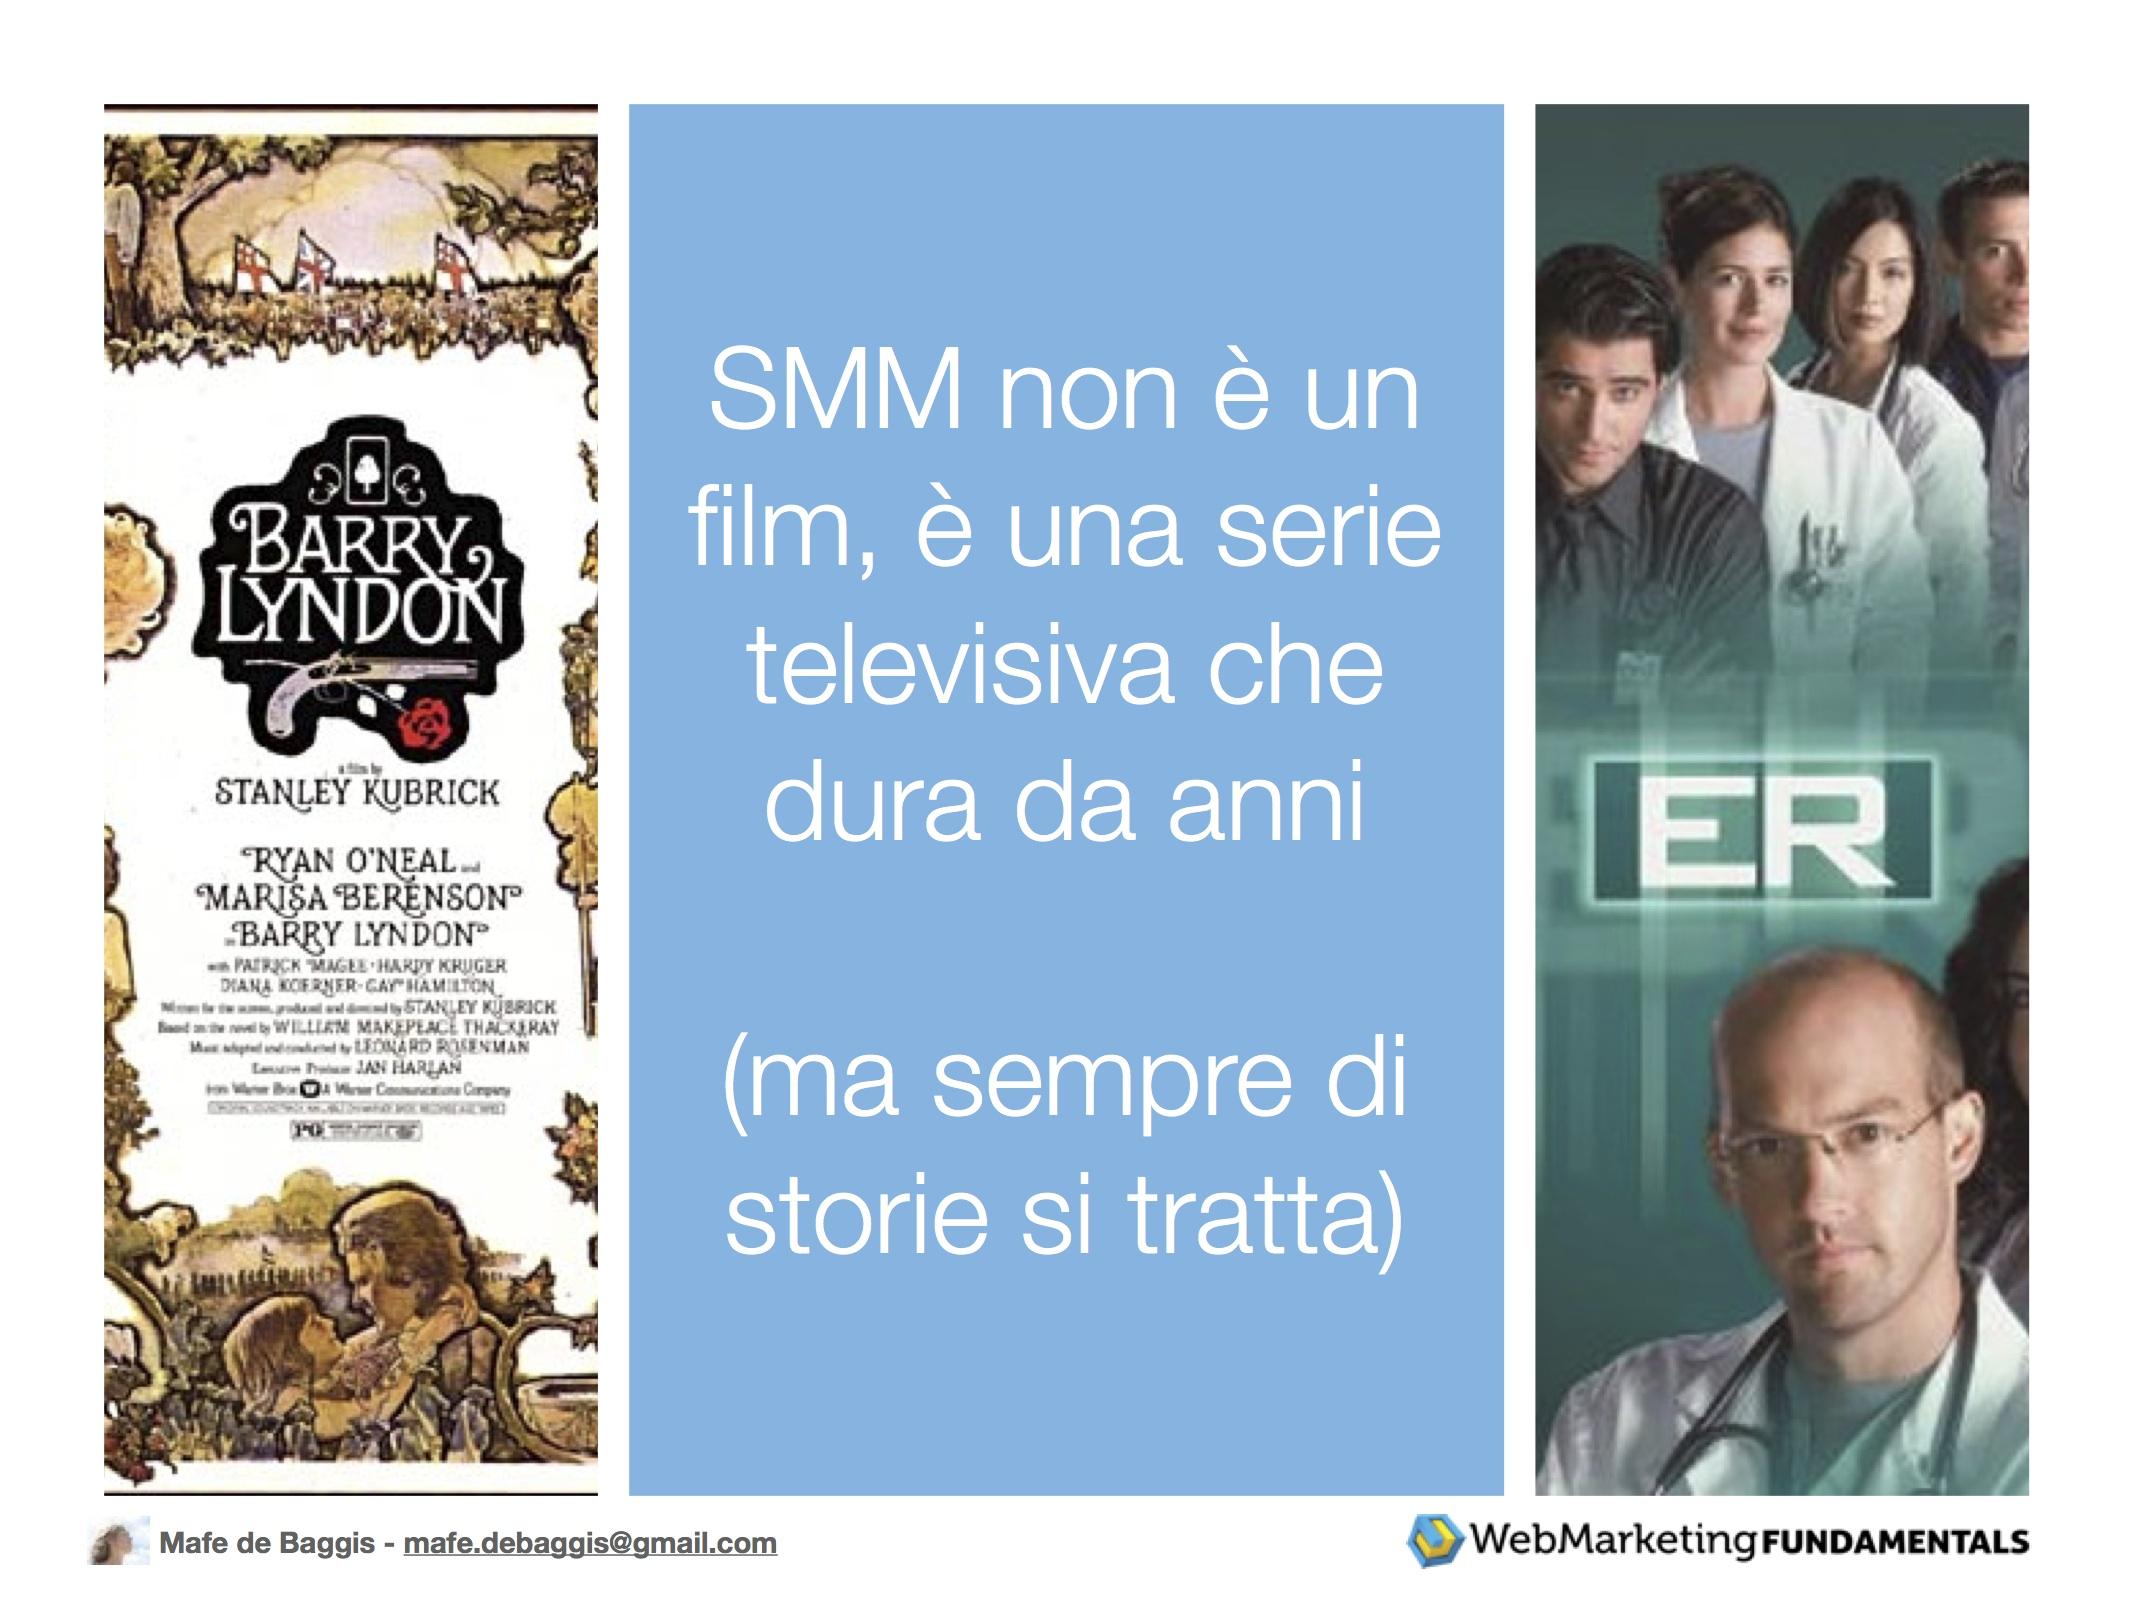 SMM non è un film, è una seria televisiva che dura da anni (ma sempre di storie si tratta)